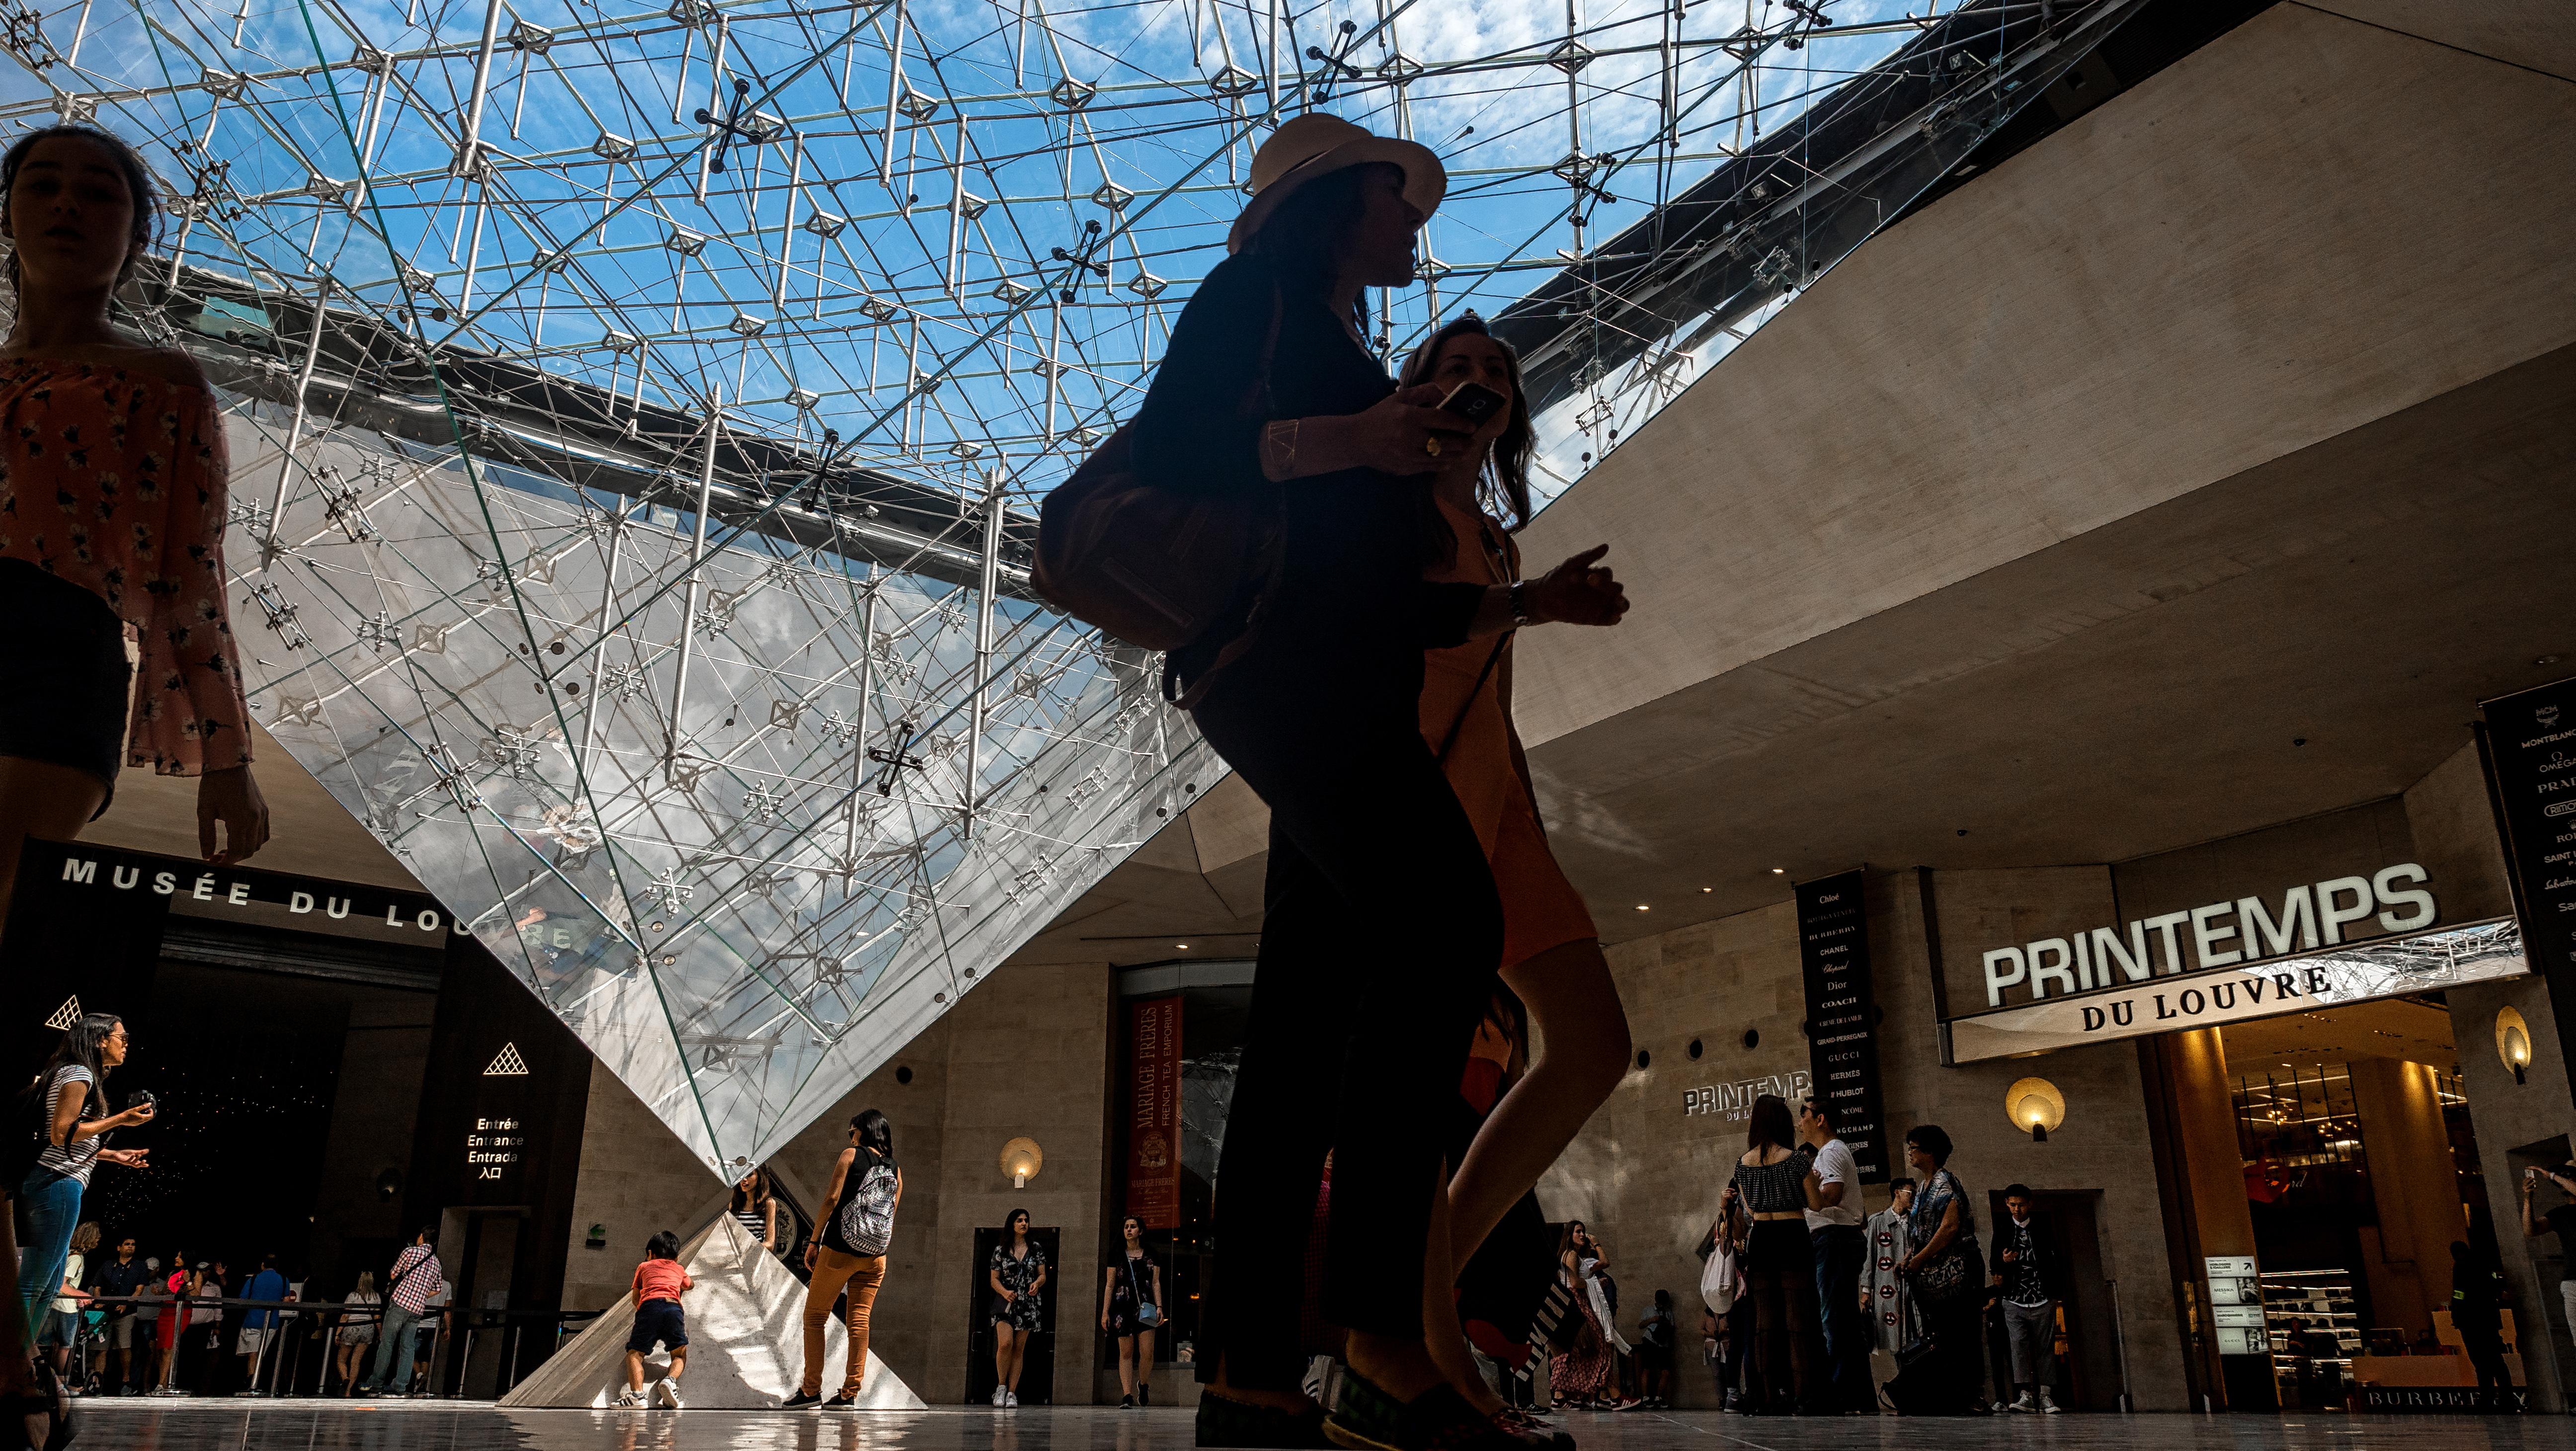 Carrousel du Louvre%252C Paris 2017 Carrousel du Louvre%252C Paris 2017